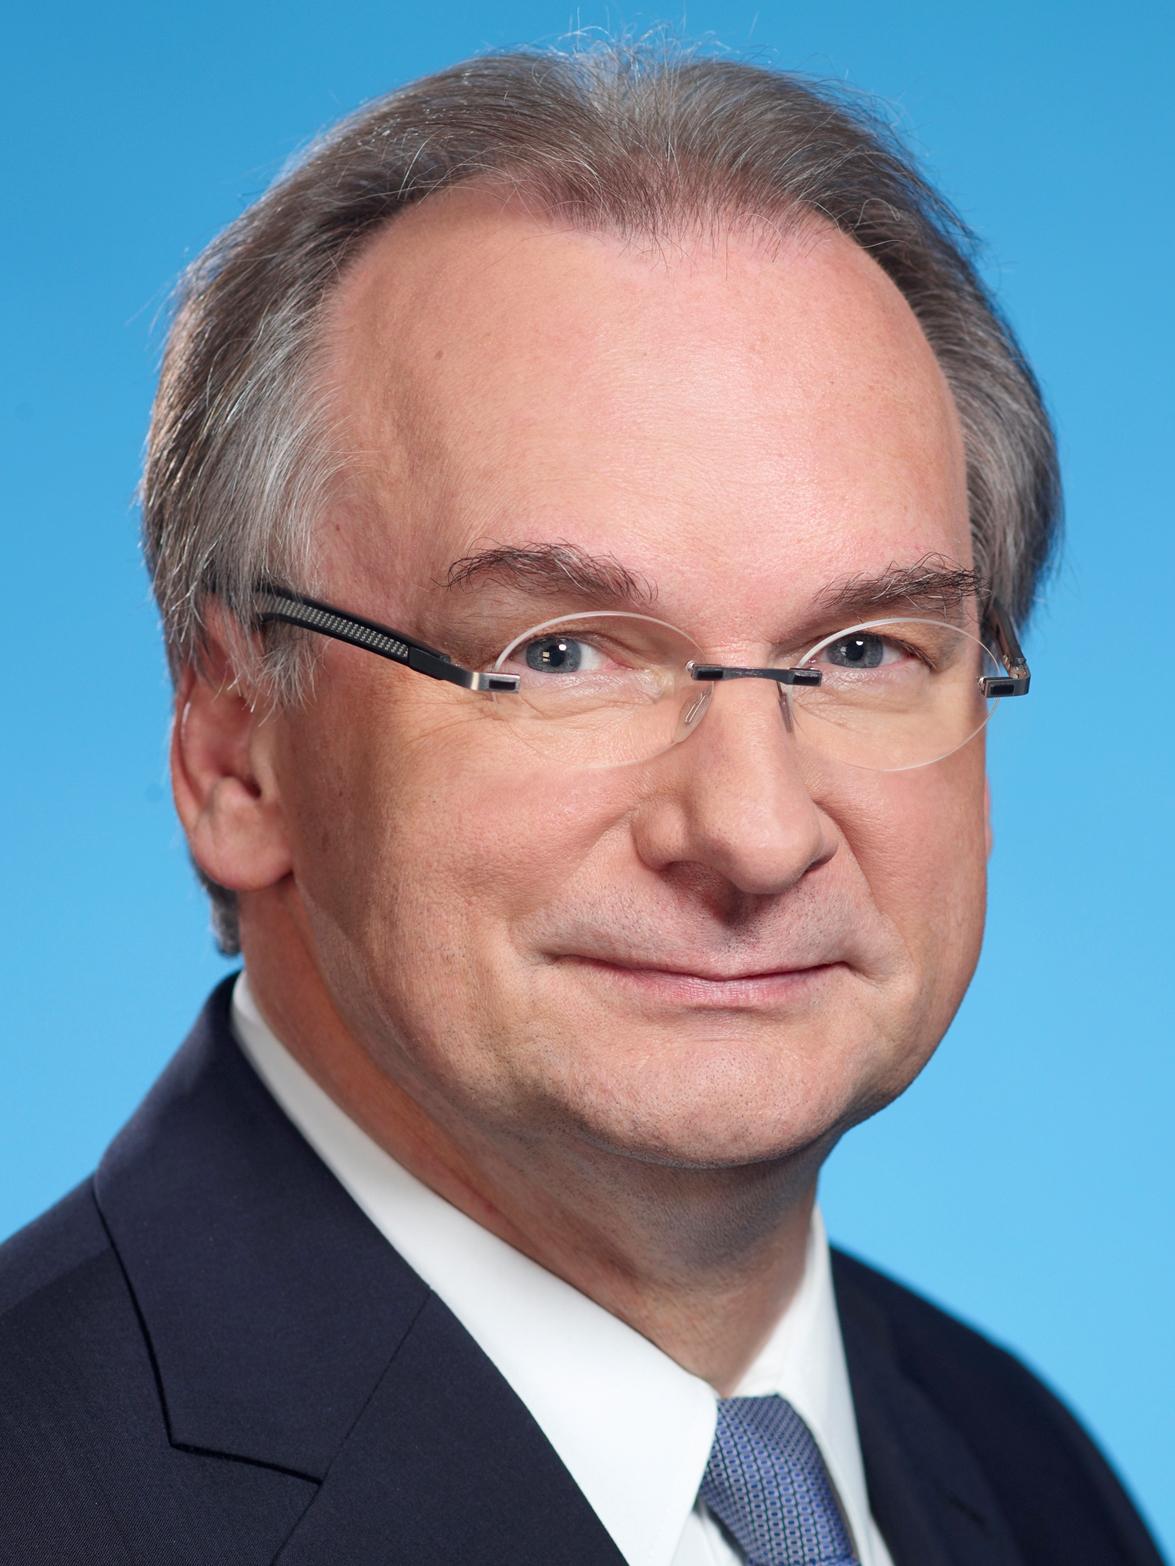 DR. REINER HASELOFF